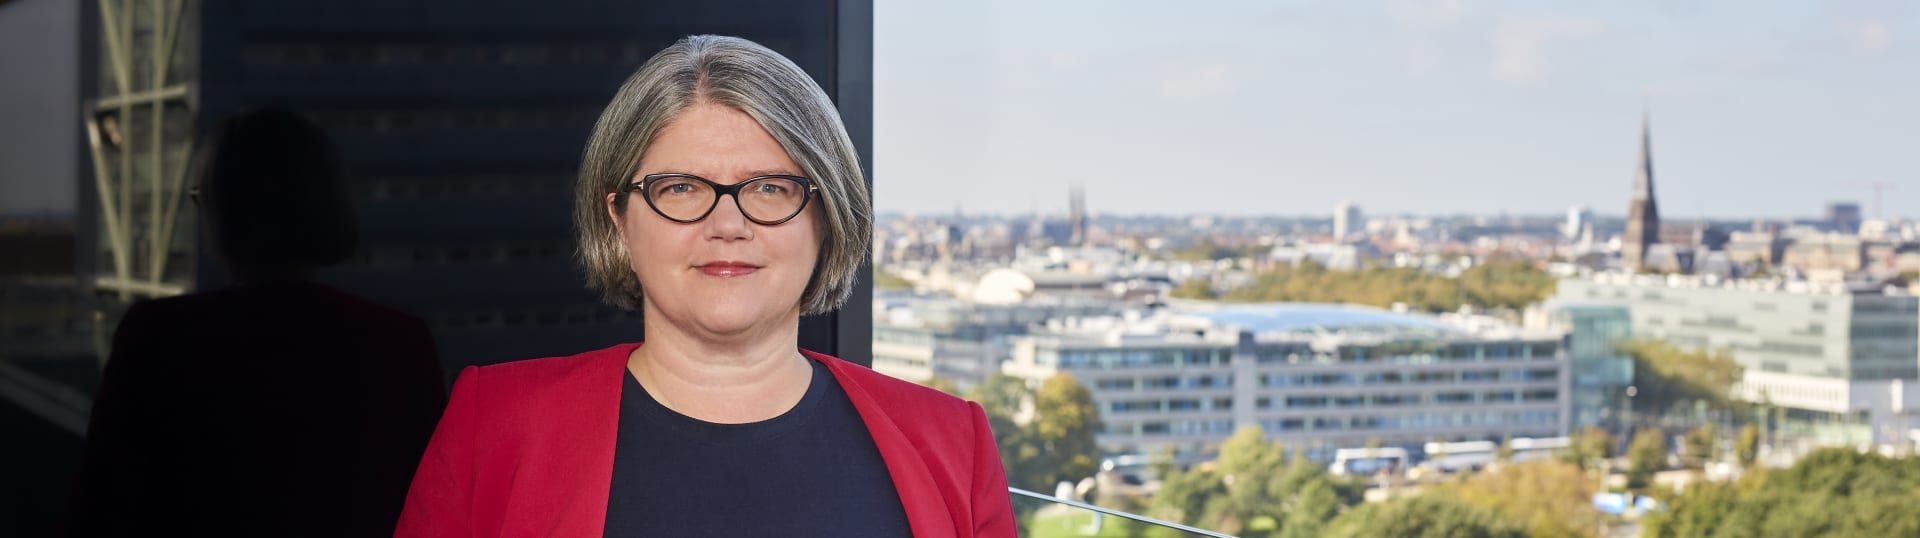 Caroline van der Woude, PSL Pels Rijcken